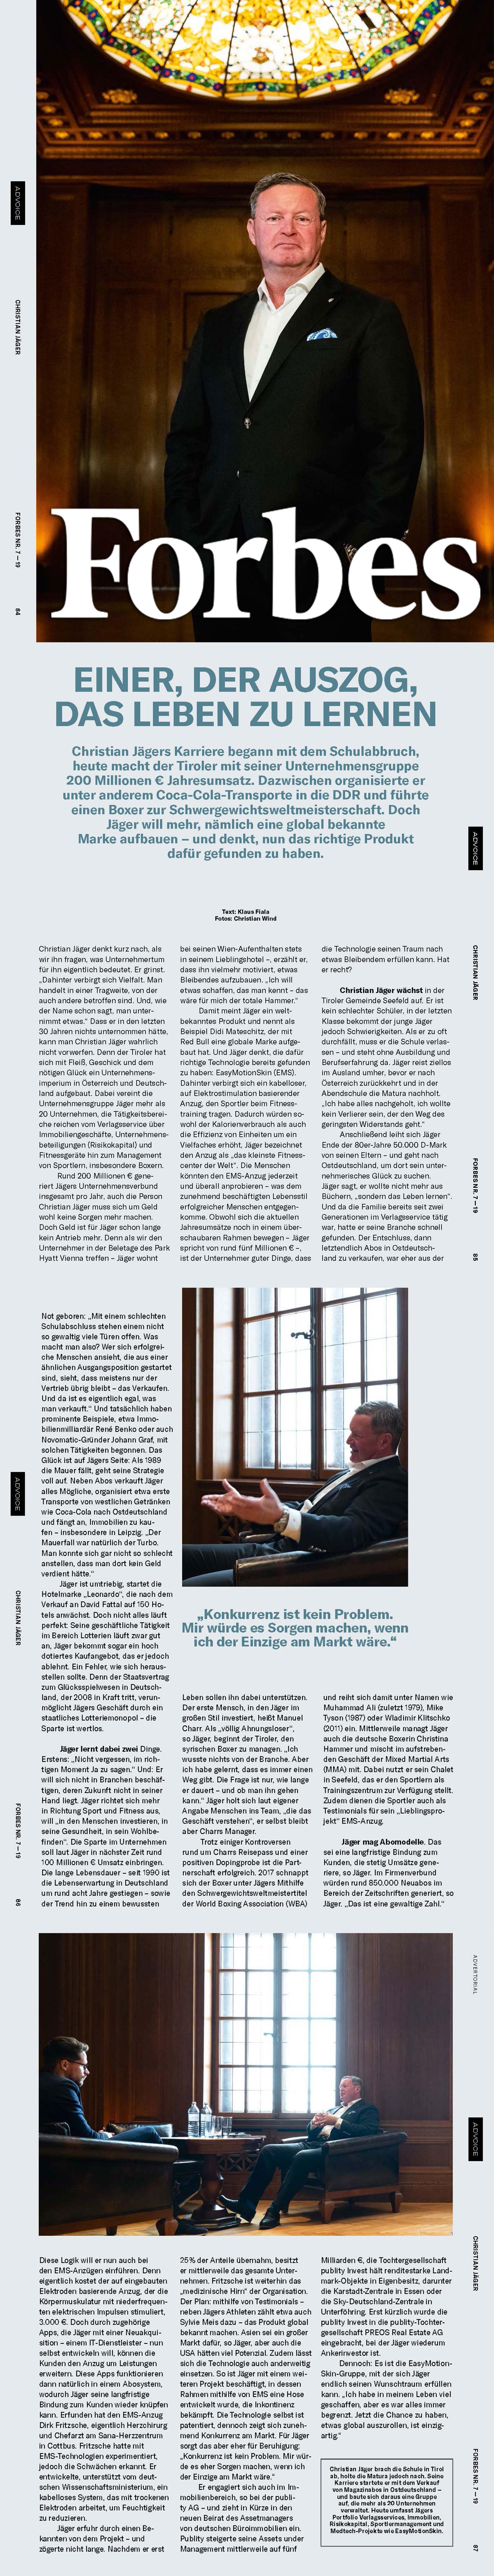 Das Forbes Magazine im Gespräch mit Christian Jäger